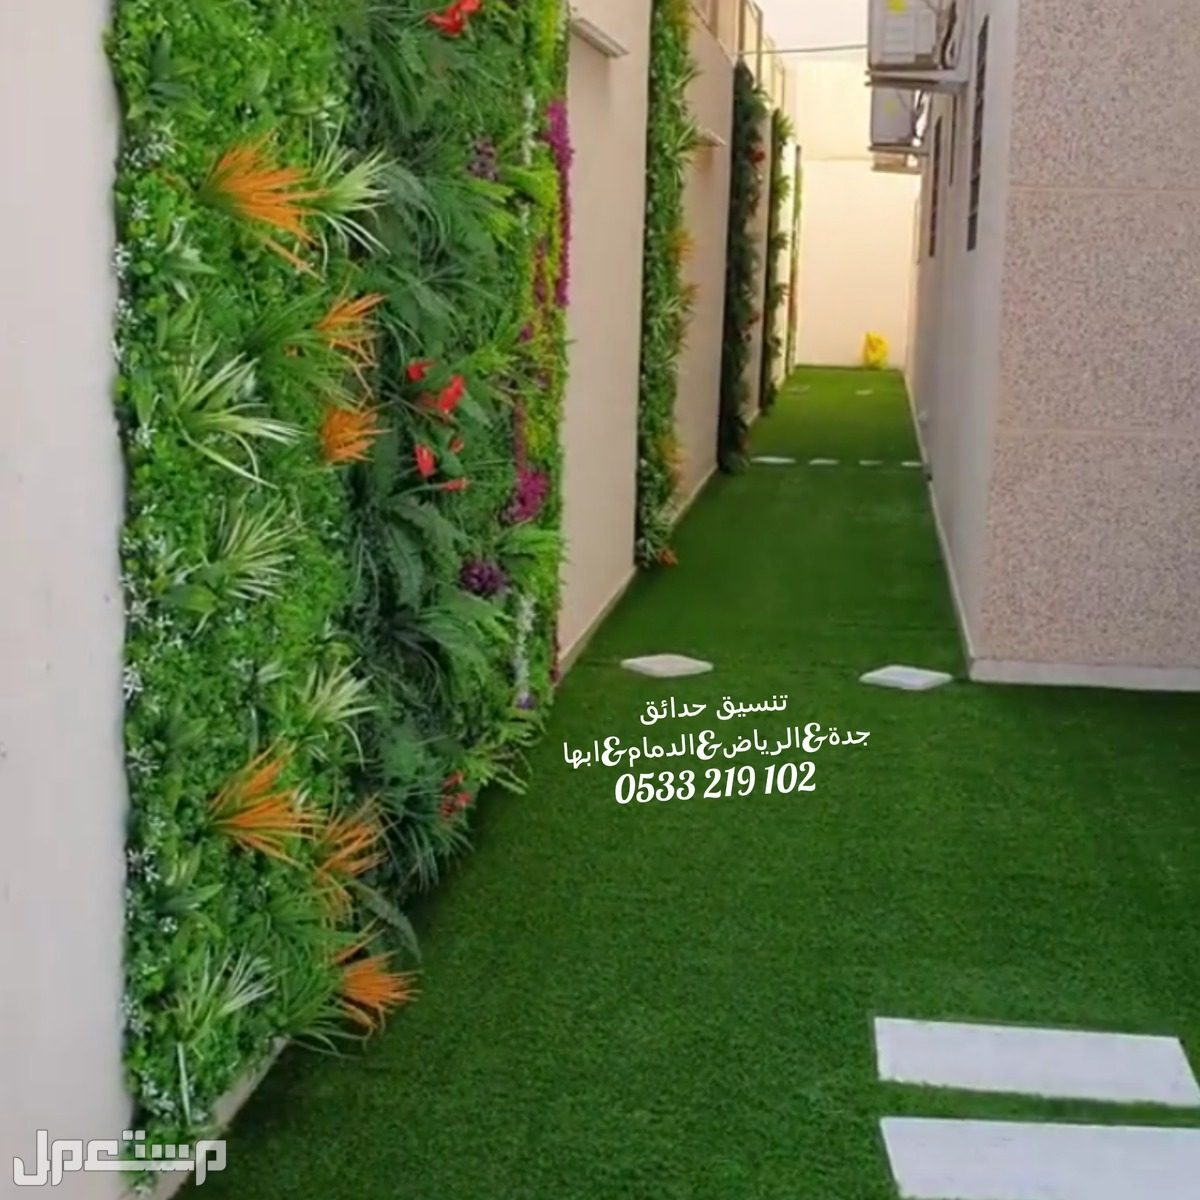 تنسيق حدائق السعودية | أسعار مظلات | عشب صناعى | تركيب شلالات حدائق العشب الصناعي